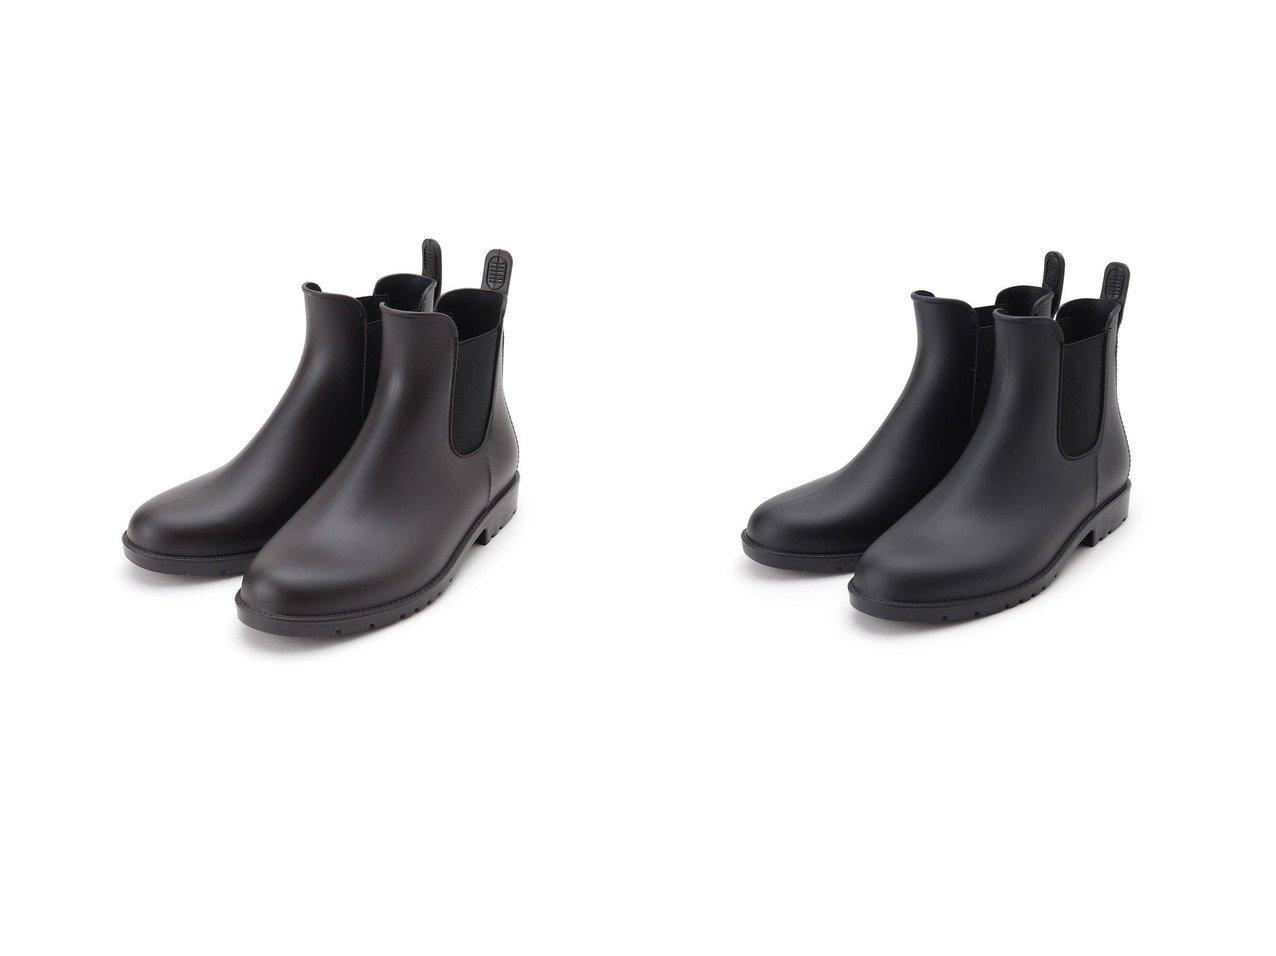 【Dessin/デッサン】のWpc. サイドゴアレインブーツ 【シューズ・靴】おすすめ!人気、トレンド・レディースファッションの通販 おすすめで人気の流行・トレンド、ファッションの通販商品 インテリア・家具・メンズファッション・キッズファッション・レディースファッション・服の通販 founy(ファニー) https://founy.com/ ファッション Fashion レディースファッション WOMEN インソール シューズ シンプル ループ |ID:crp329100000049425